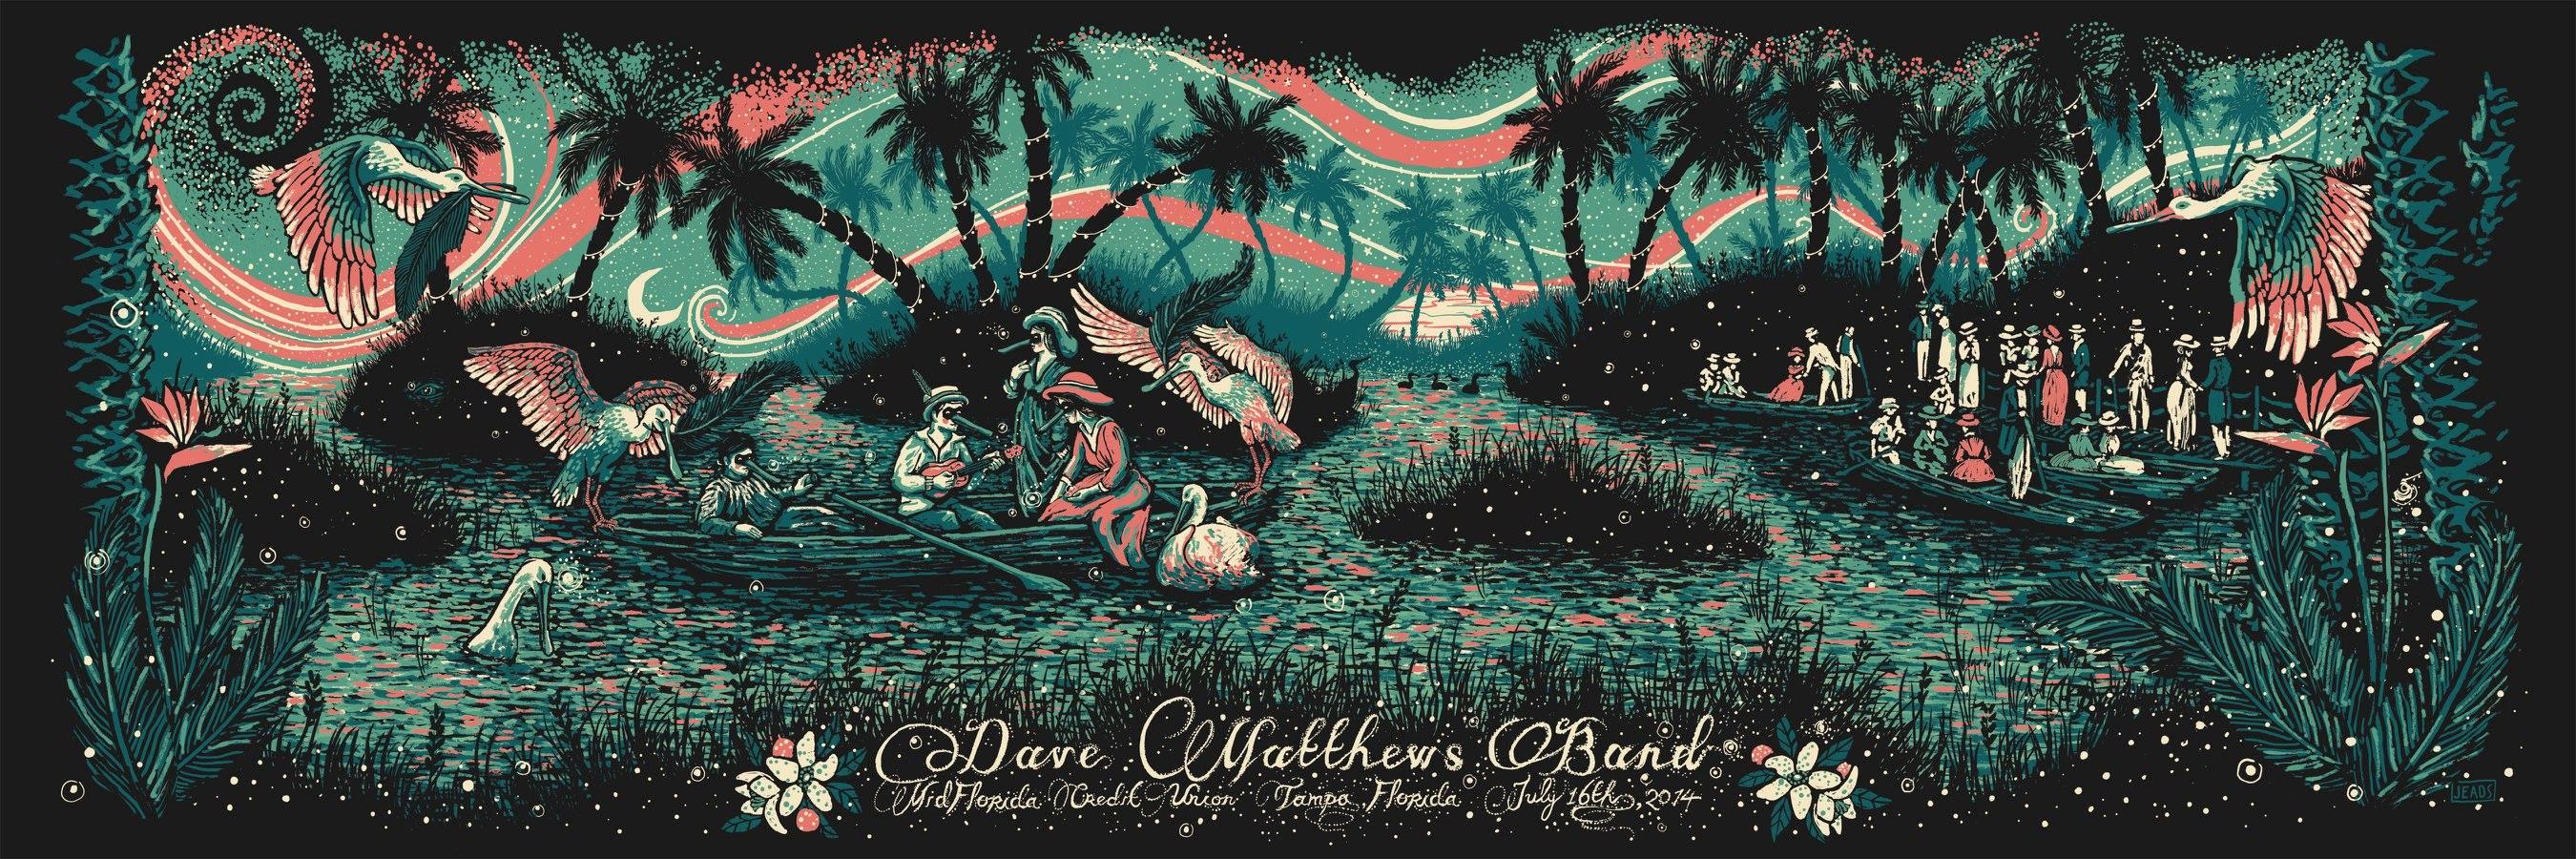 eads Dave Matthews Band - Tampa, FL 2014